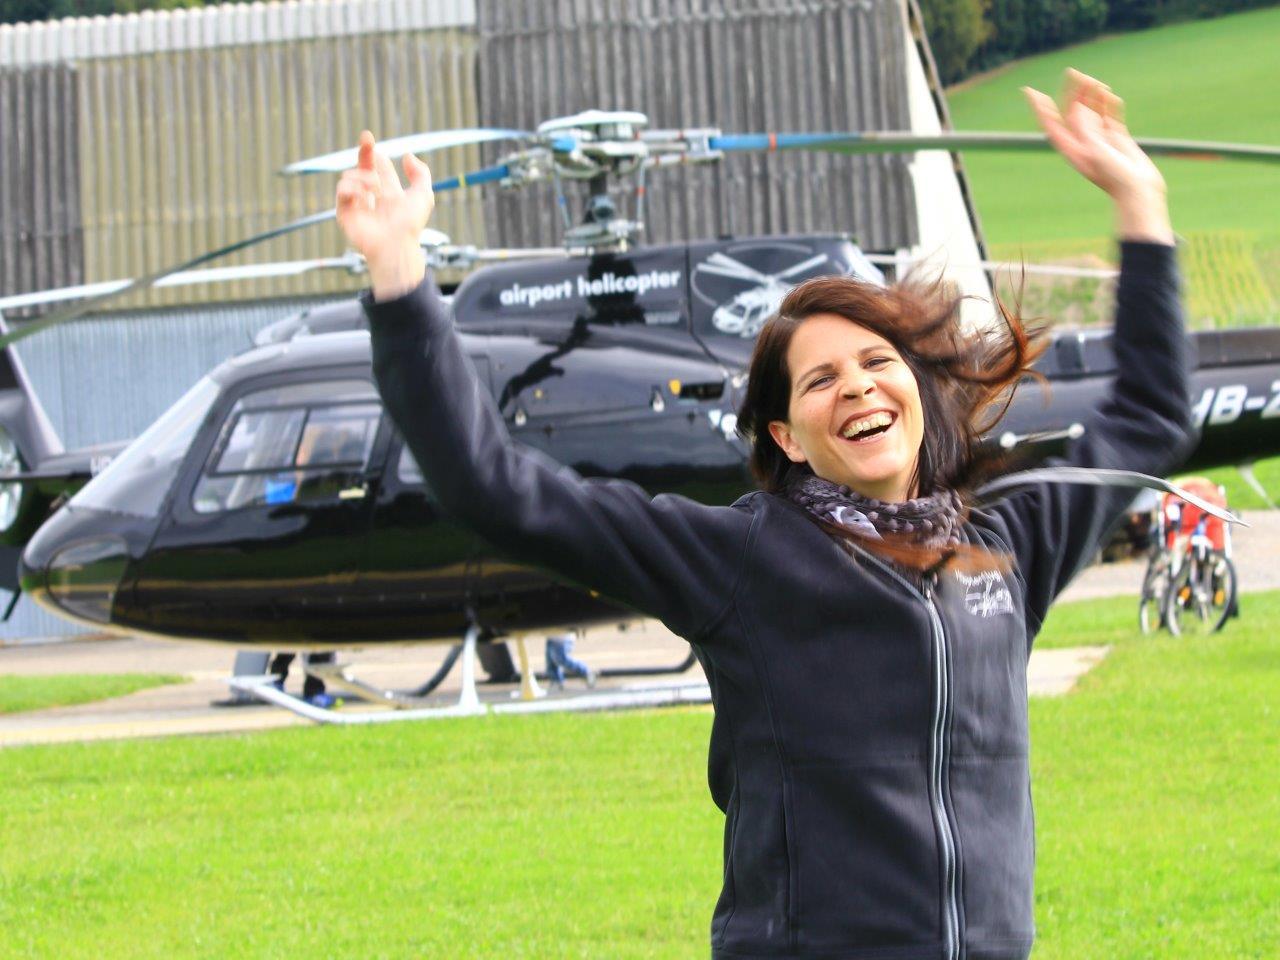 Hubschrauber Rundflug Freude Airleben